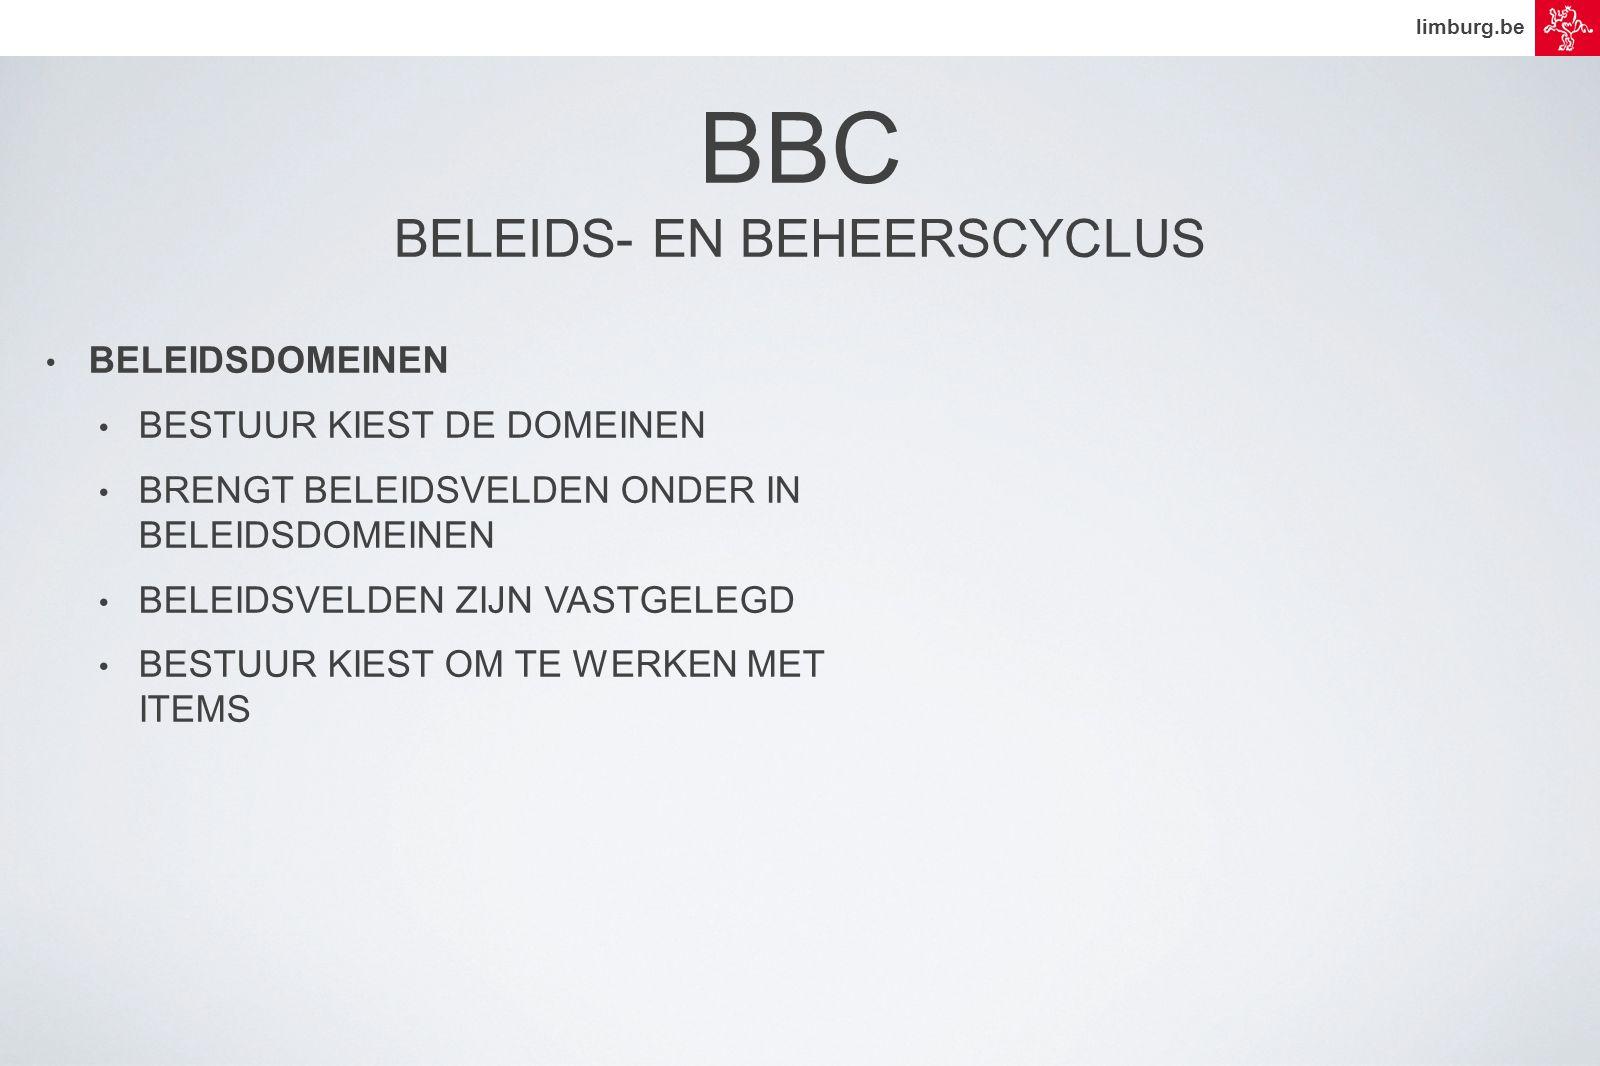 limburg.be • BELEIDSDOMEINEN • BESTUUR KIEST DE DOMEINEN • BRENGT BELEIDSVELDEN ONDER IN BELEIDSDOMEINEN • BELEIDSVELDEN ZIJN VASTGELEGD • BESTUUR KIEST OM TE WERKEN MET ITEMS BBC BELEIDS- EN BEHEERSCYCLUS